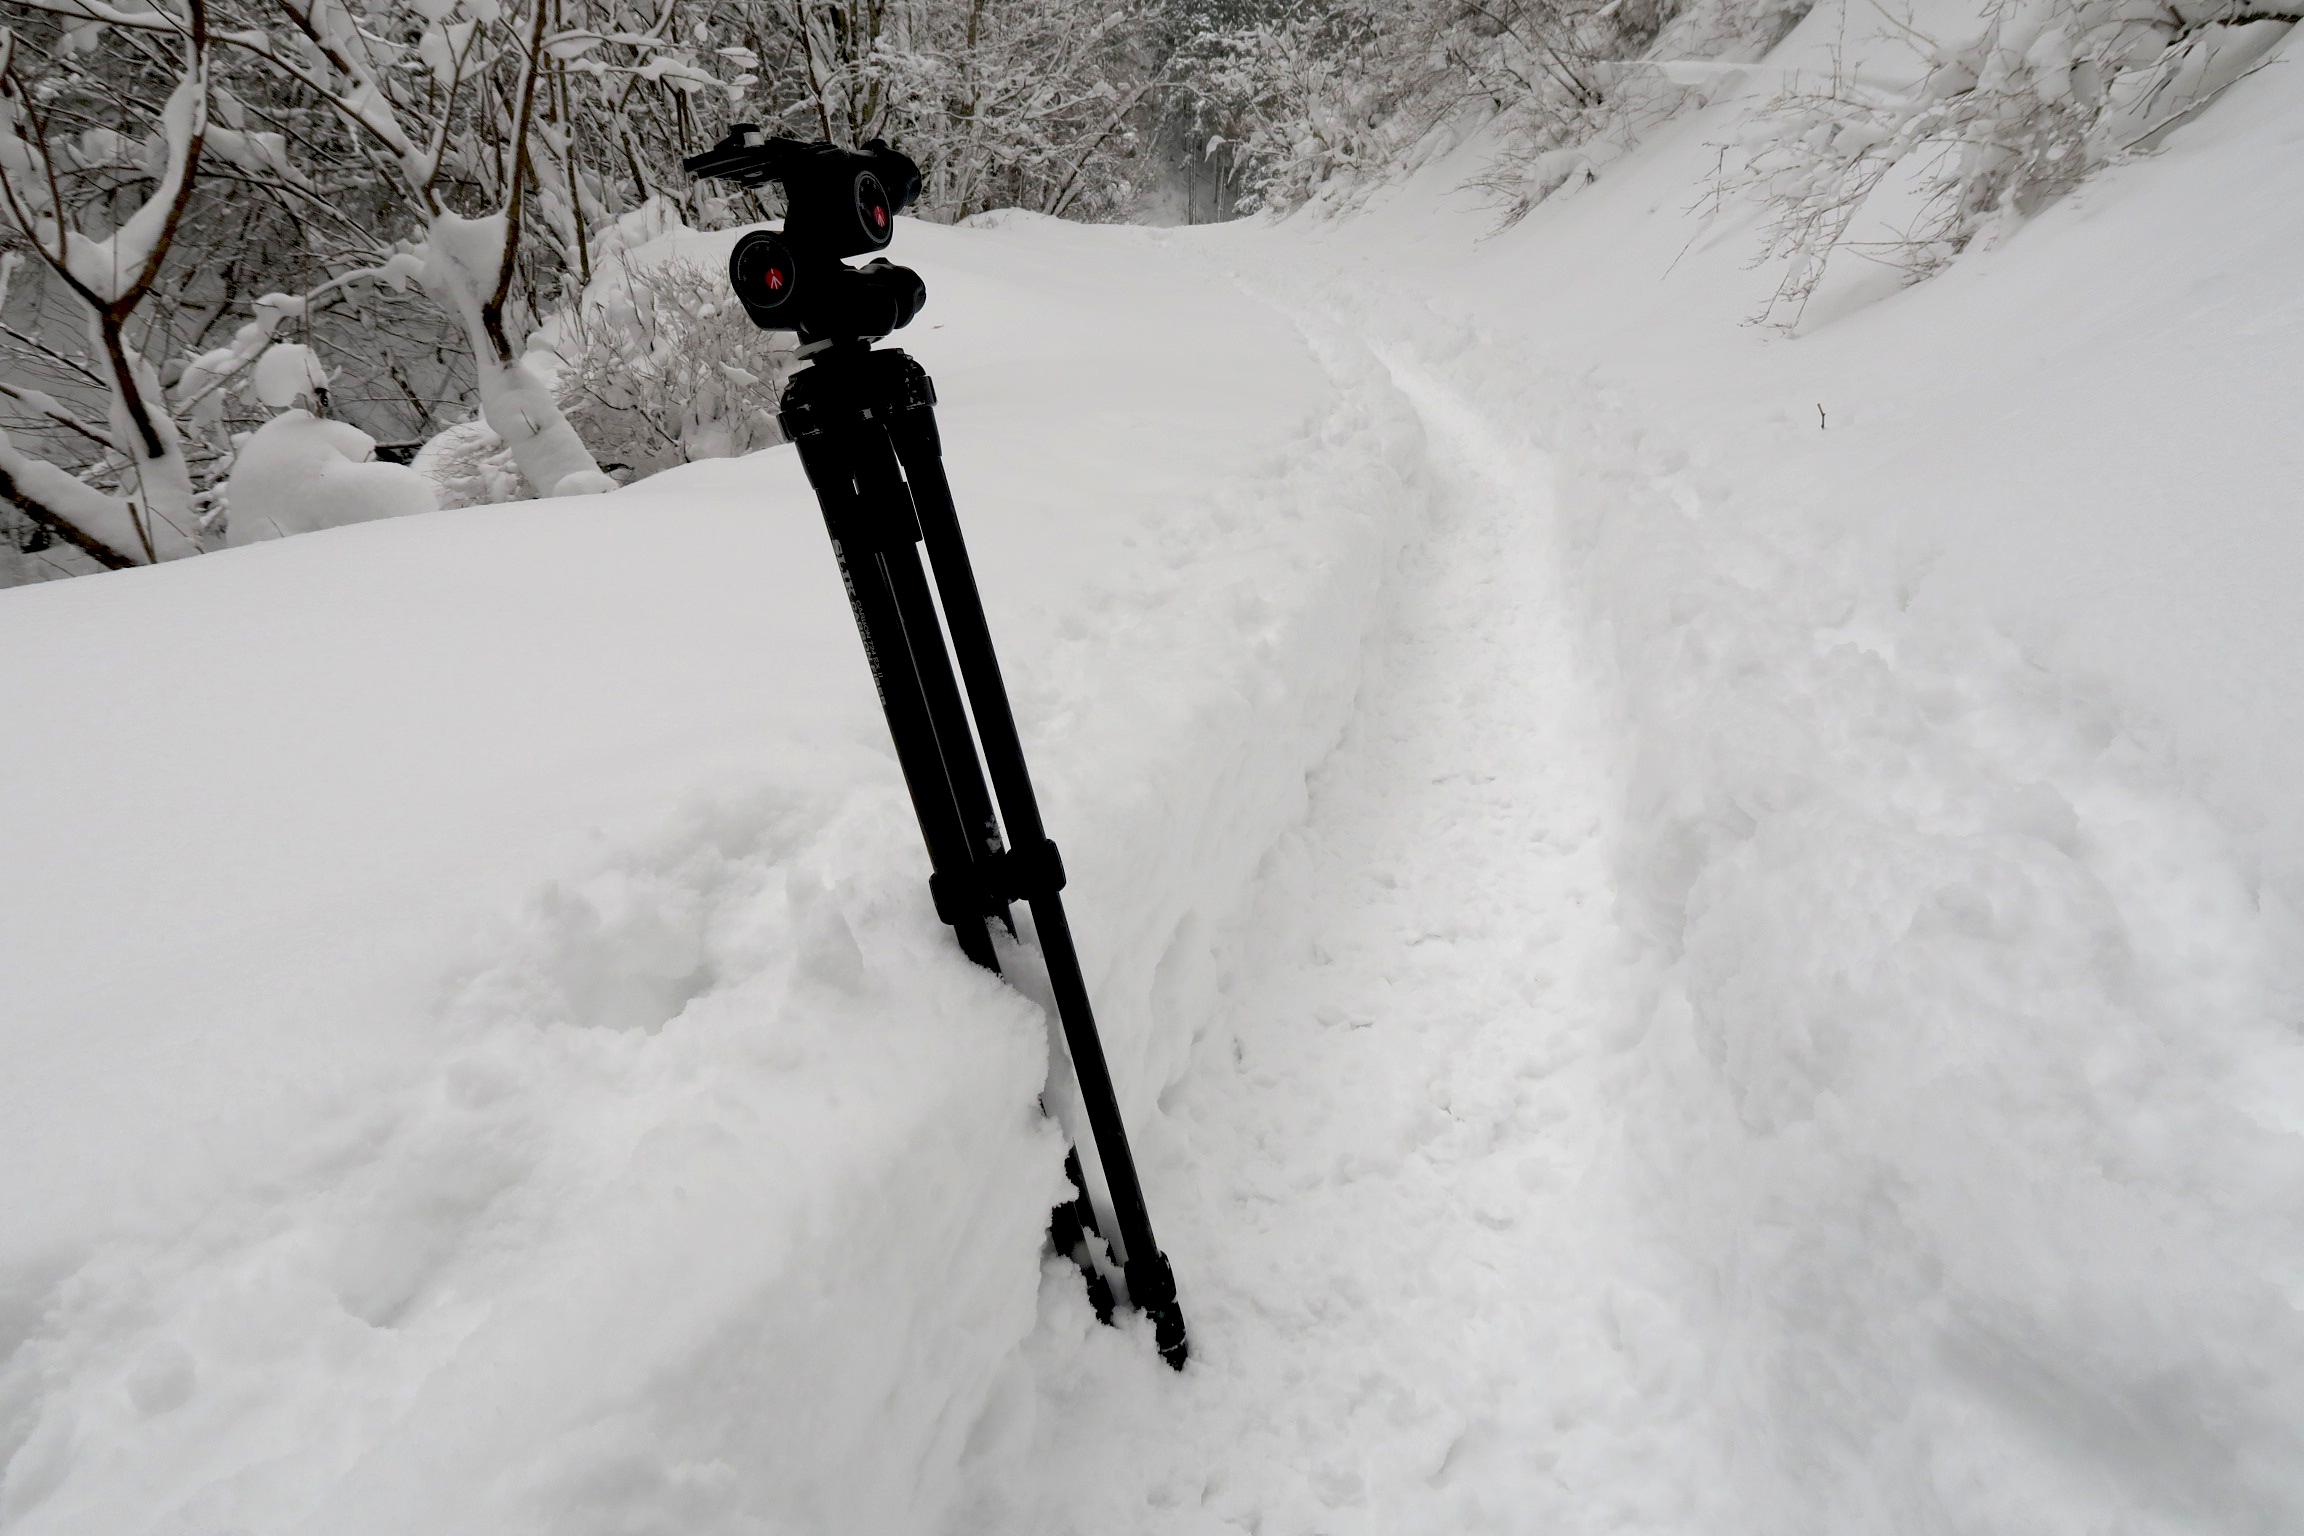 降雪したばかりの日に登山をされた方は大変だったと思います。ラッセルしてくれた方ありがとう!!